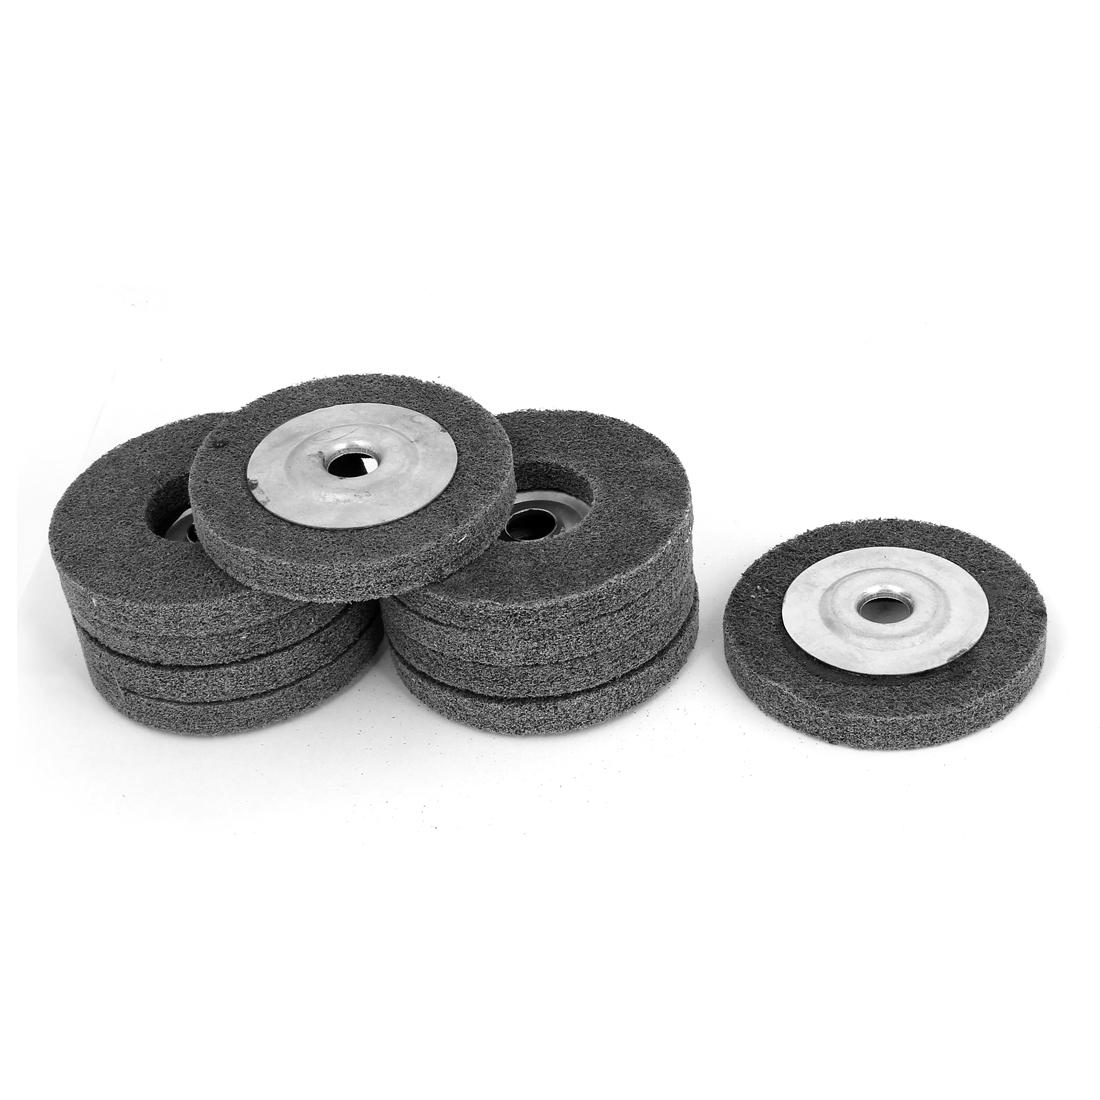 16mm Bore 100mm Dia Nylon Fiber Wheel Abrasive Polishing Buffing Disc Gray 10pcs